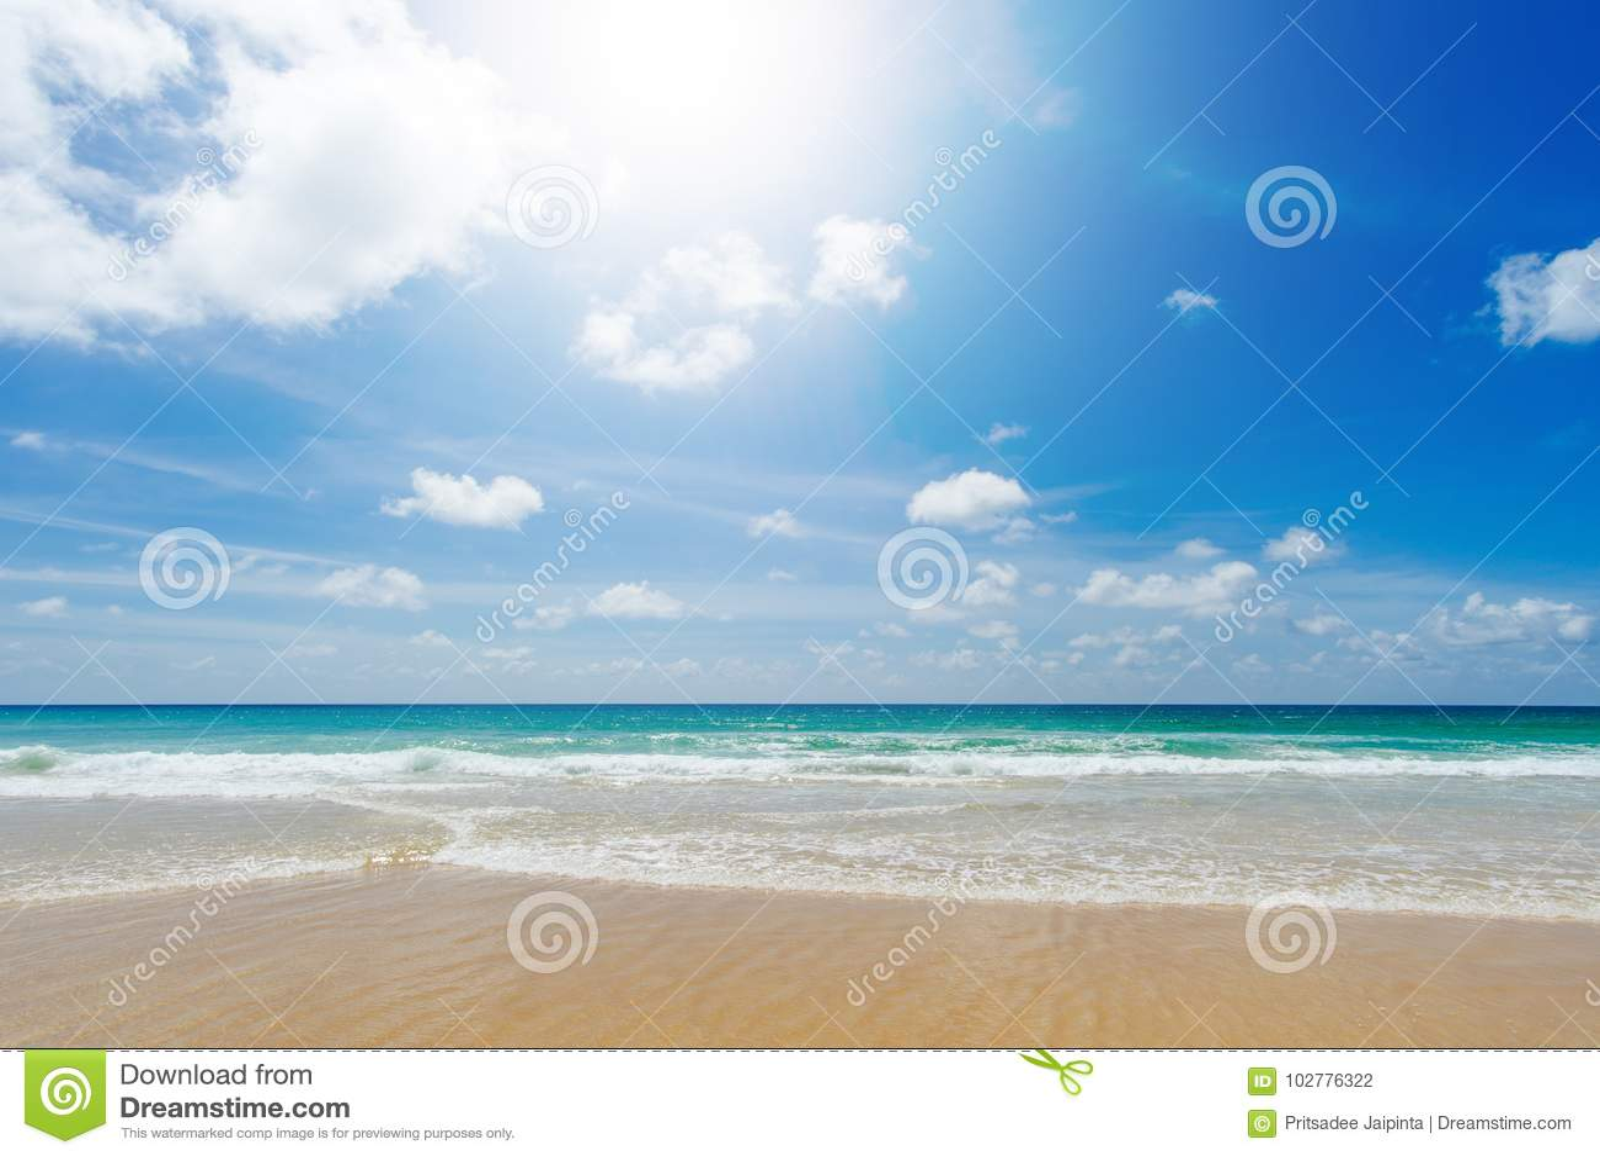 Härligt hav strandkaron phuket thailand askfat